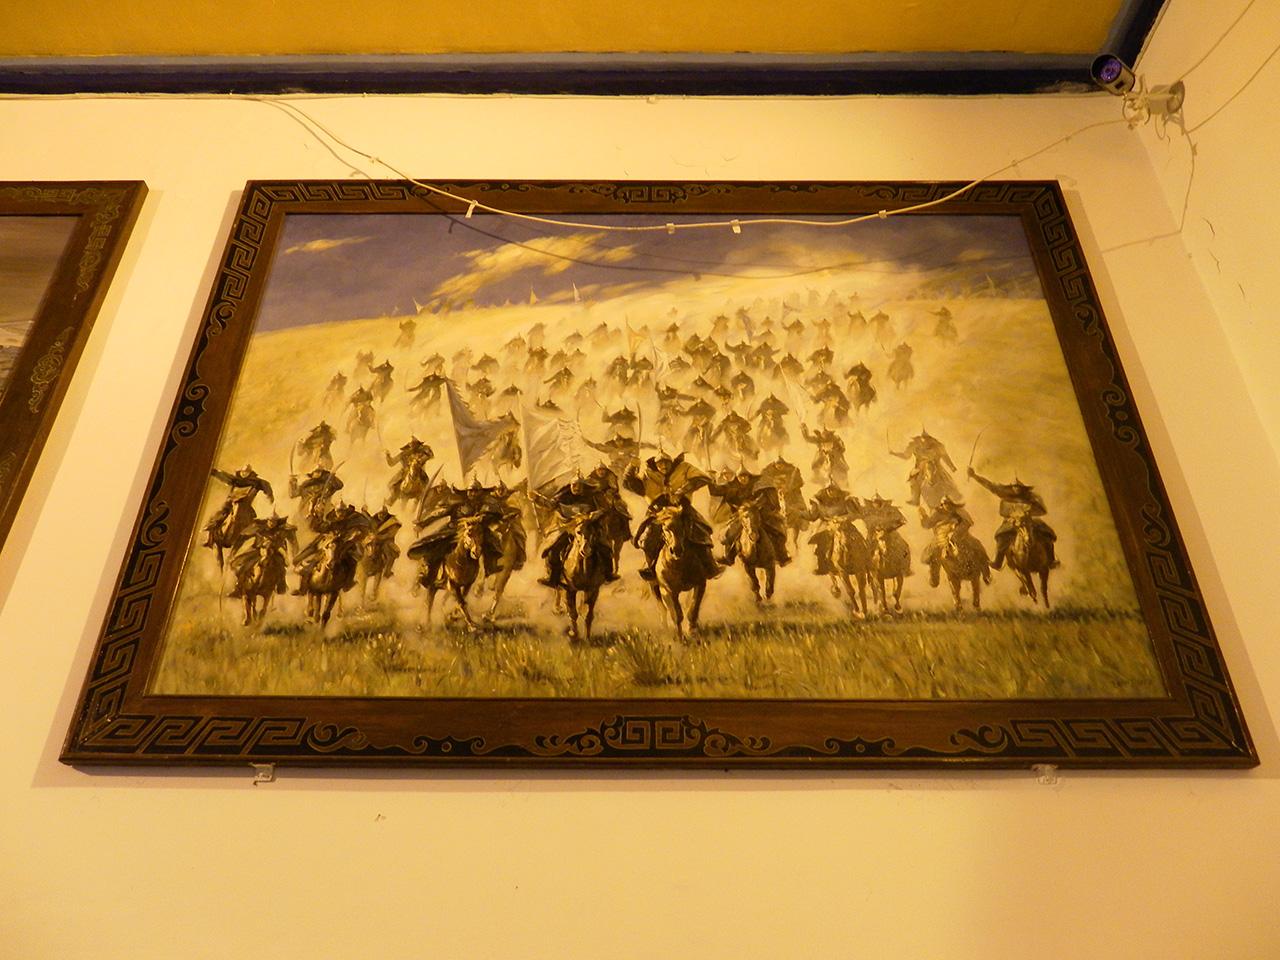 몽골 기마병들. 중국 내몽골자치구 흥안맹 우란하오터시의 칭기즈칸묘(칭기즈칸 사당)에서 찍은 사진.